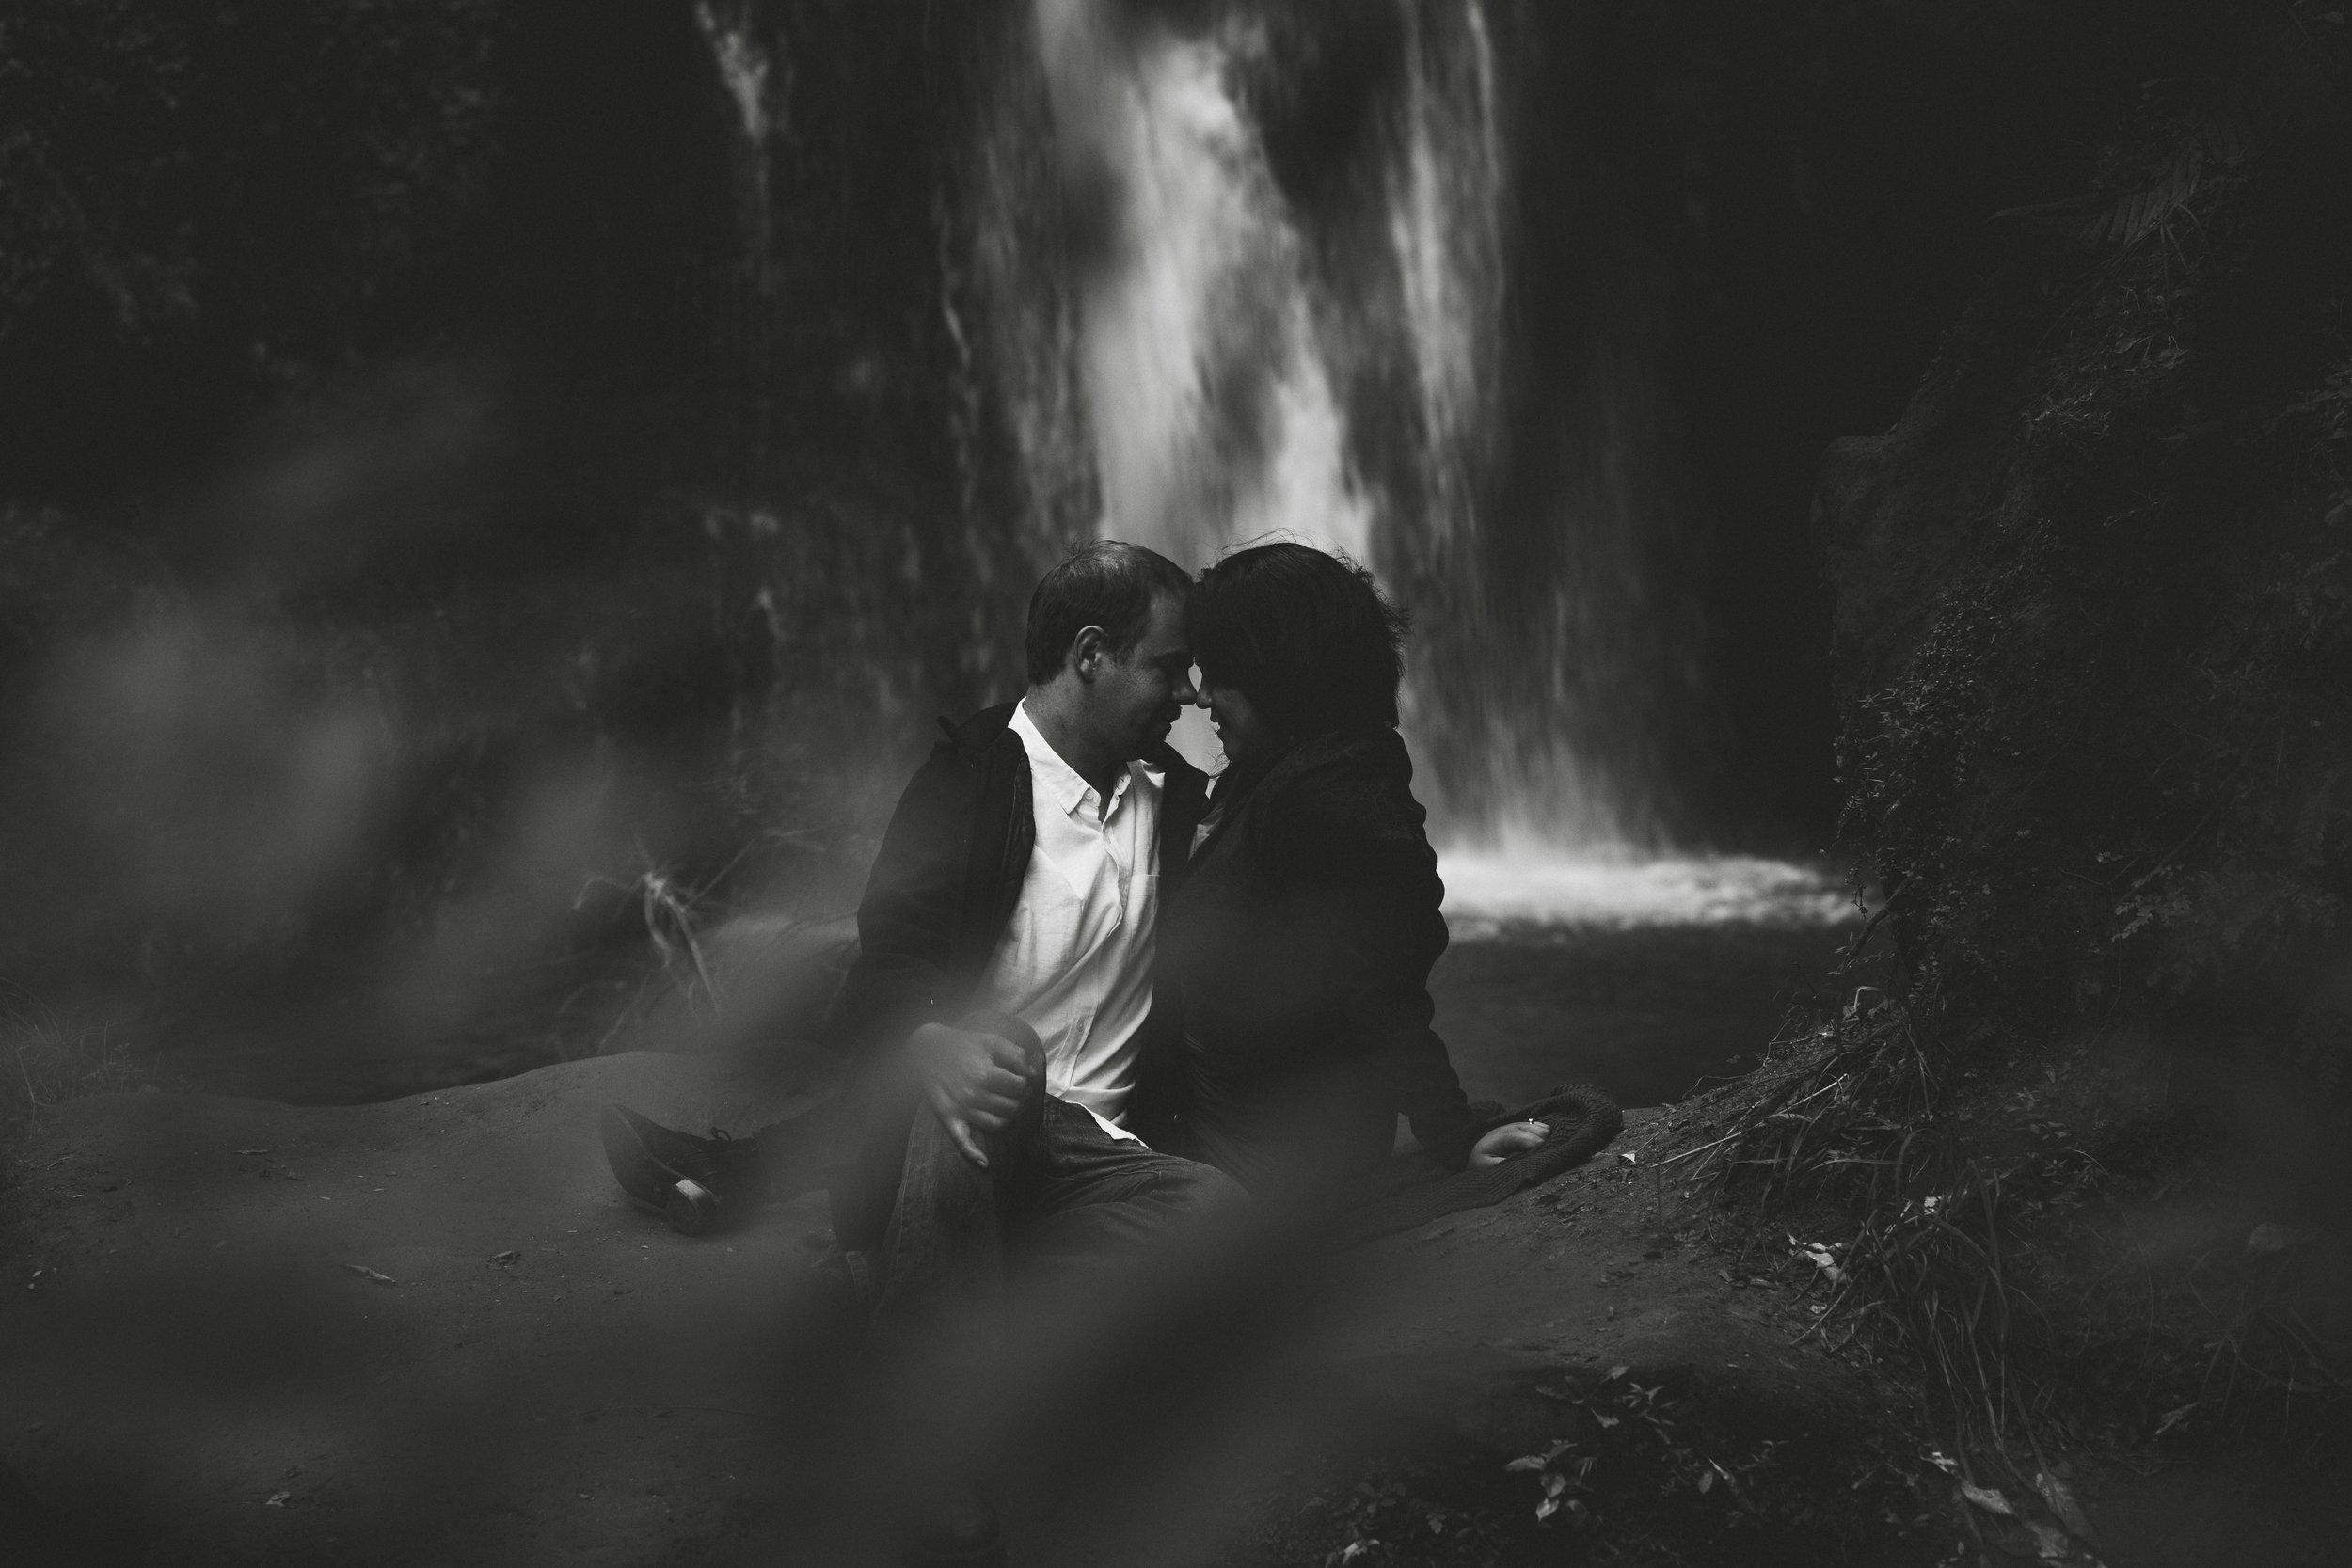 Lisa Fisher Photography - James & Lisa Engagement-41.jpg